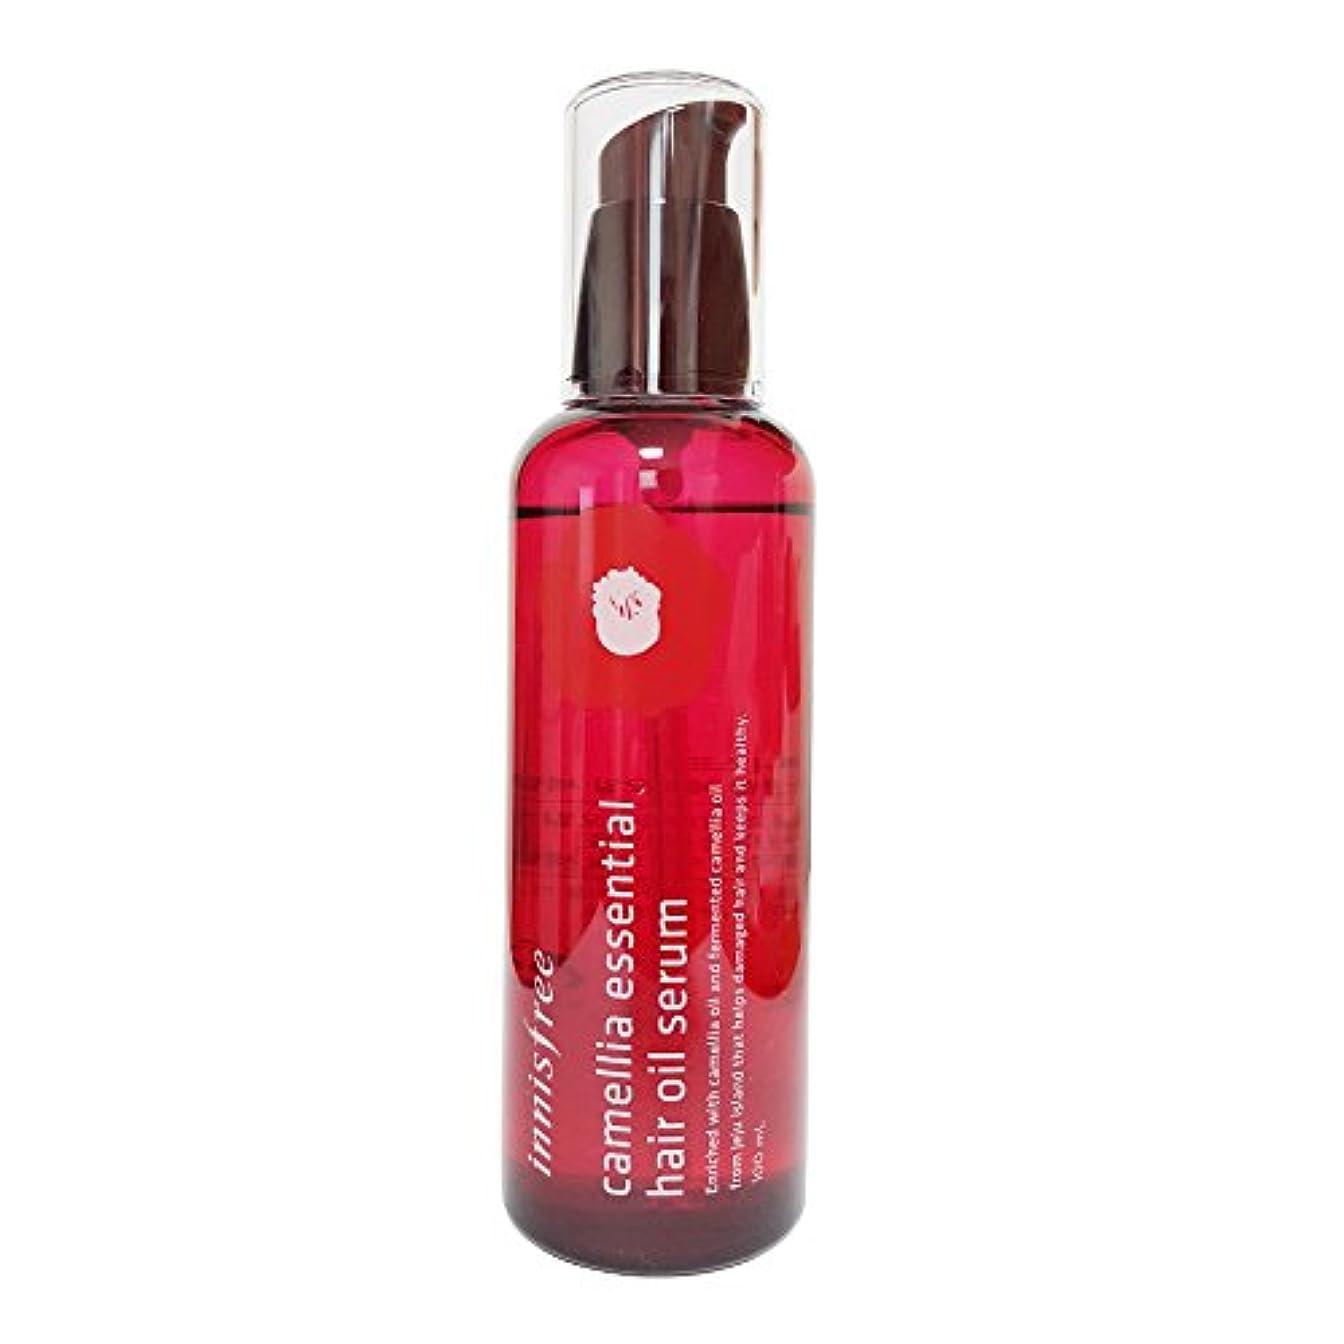 狂乱牛行商人[イニスフリー] Innisfree カメリアエッセンシャル?ヘア?オイルセラム (100ml) Innisfree Camellia Essential Hair Oil Serum (100ml) [海外直送品]